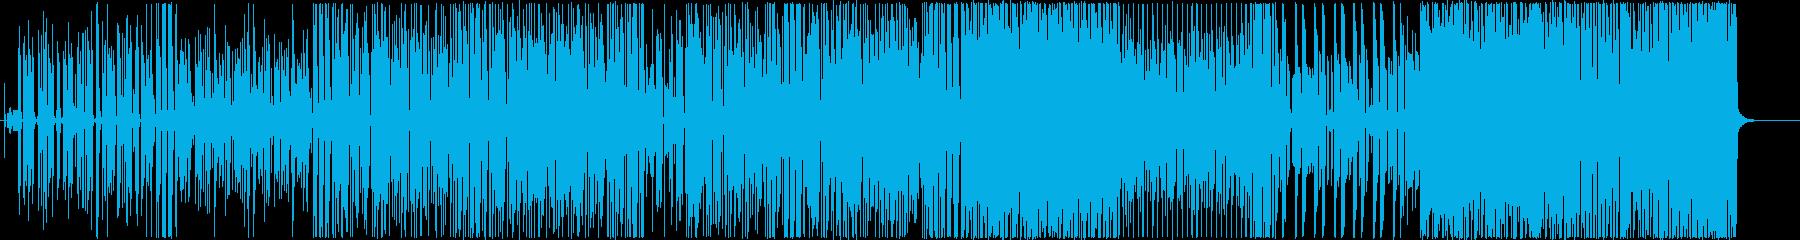 かいじゅうファンクの再生済みの波形